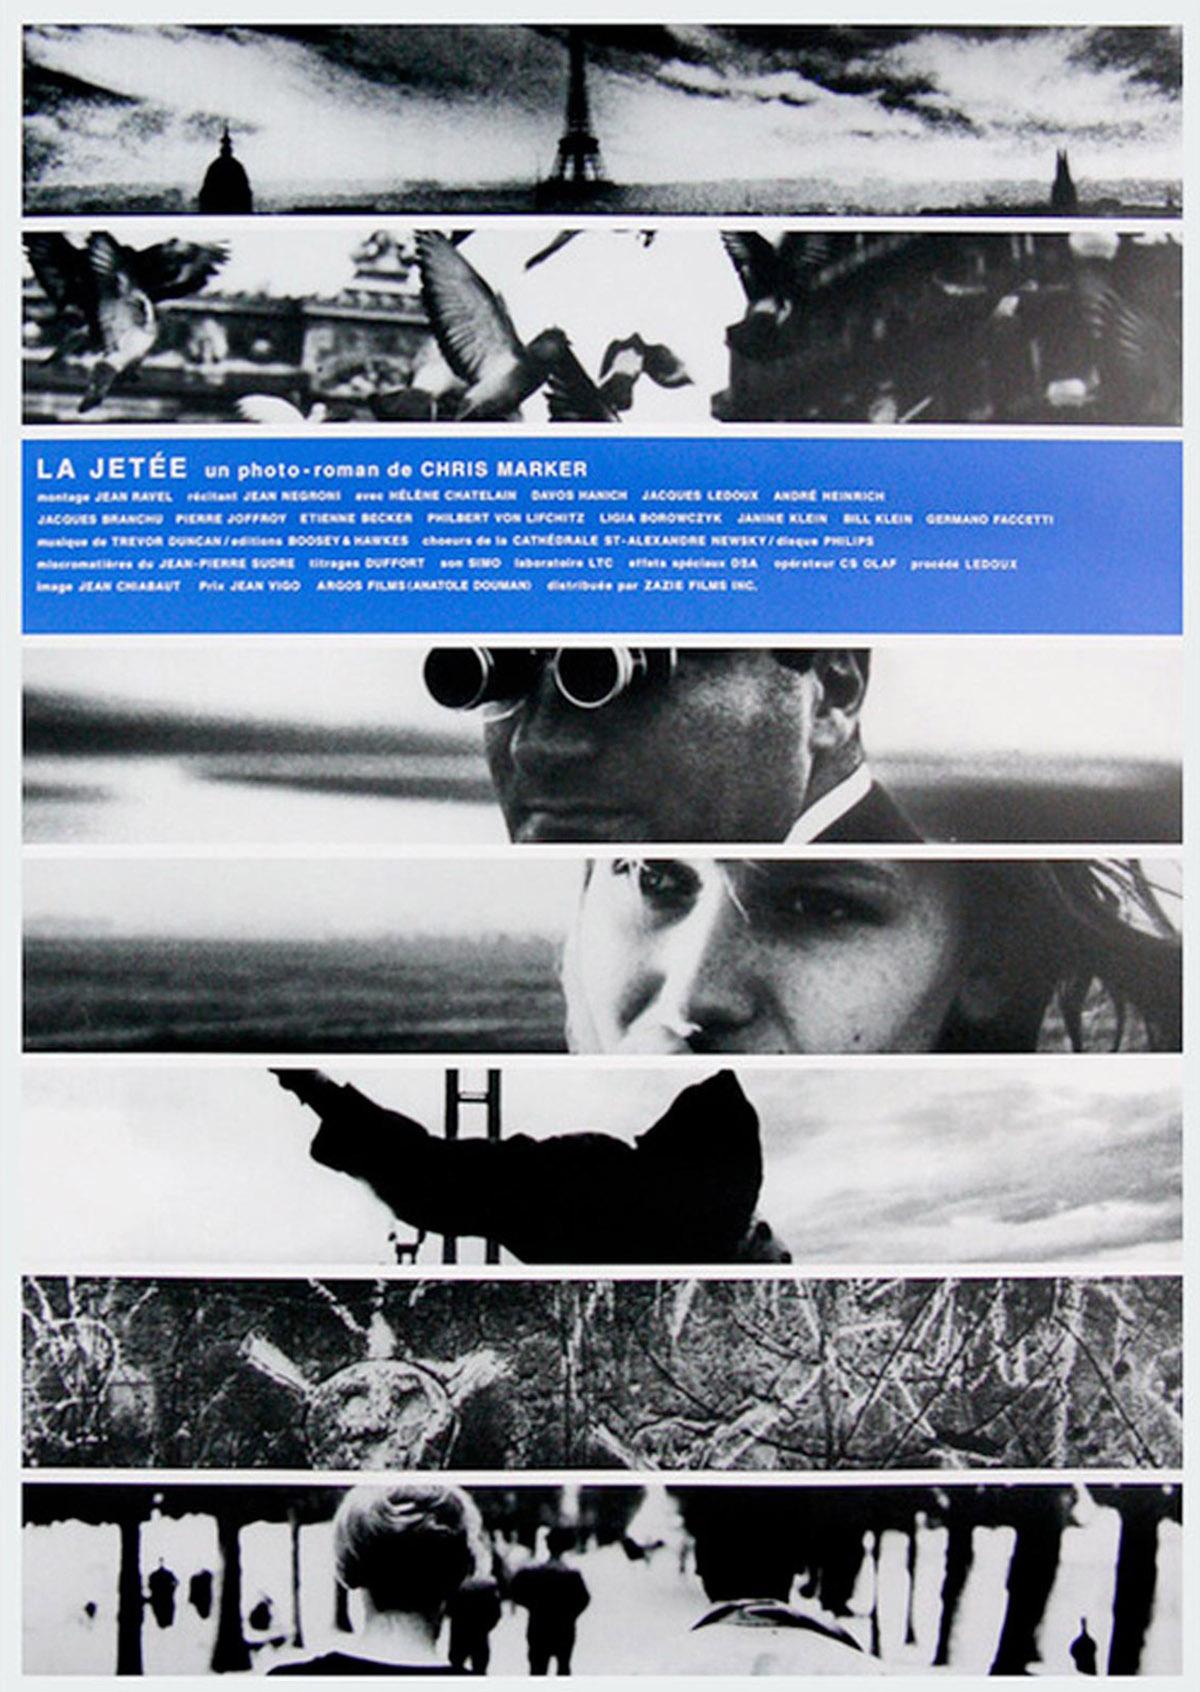 la-jetee-rare-original-japanese-b1-movie-poster-1990-the-pier-chris-marker.jpg